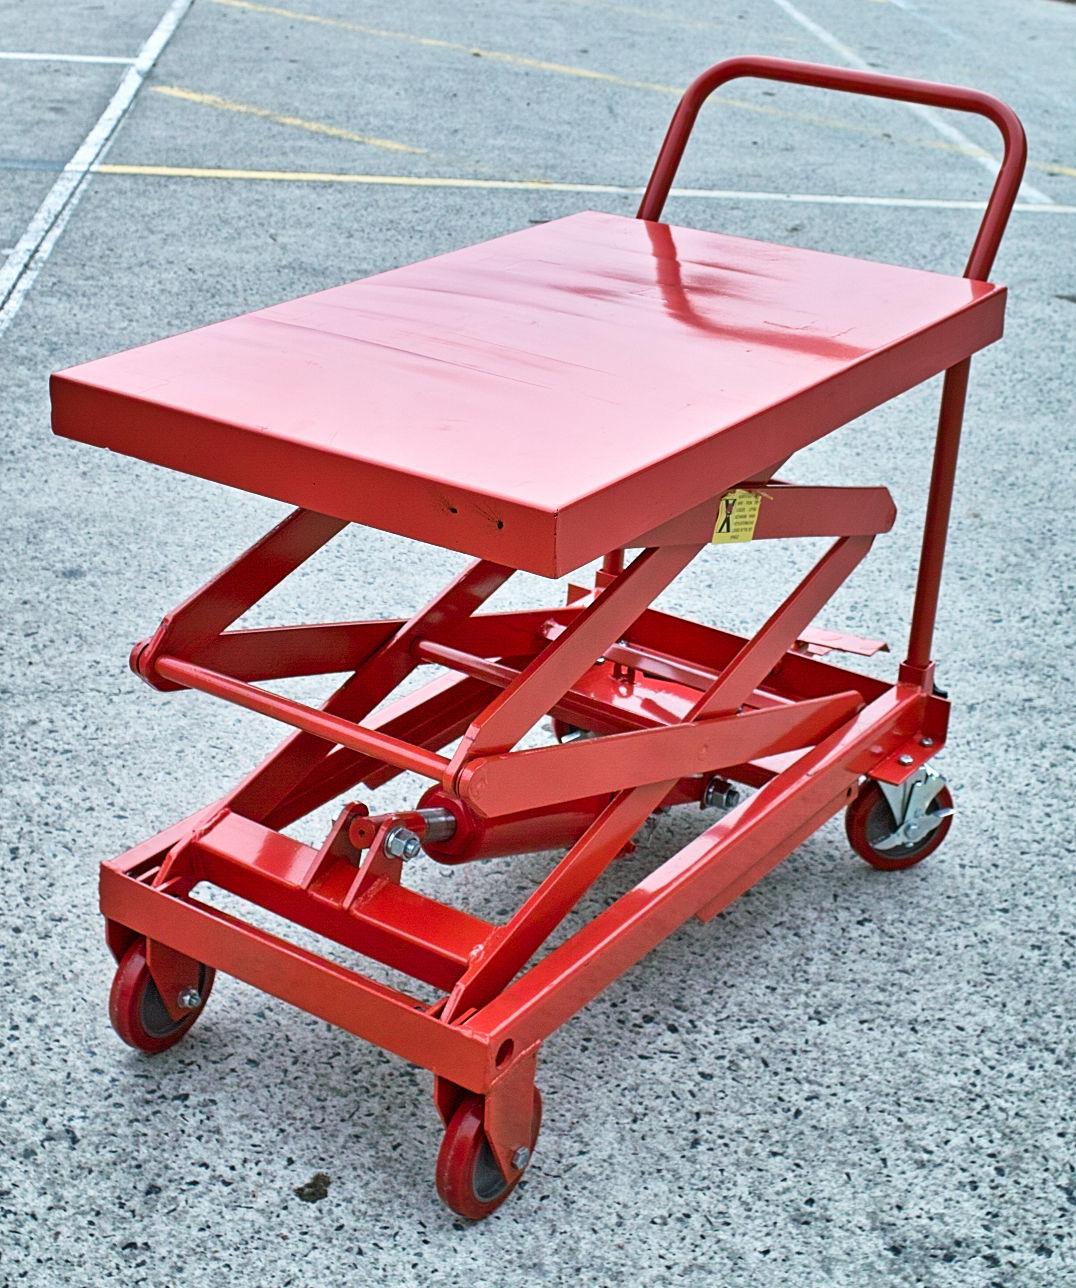 Hydraulic Scissor Lift Carts : Kg hydraulic scissor lift high m table cart